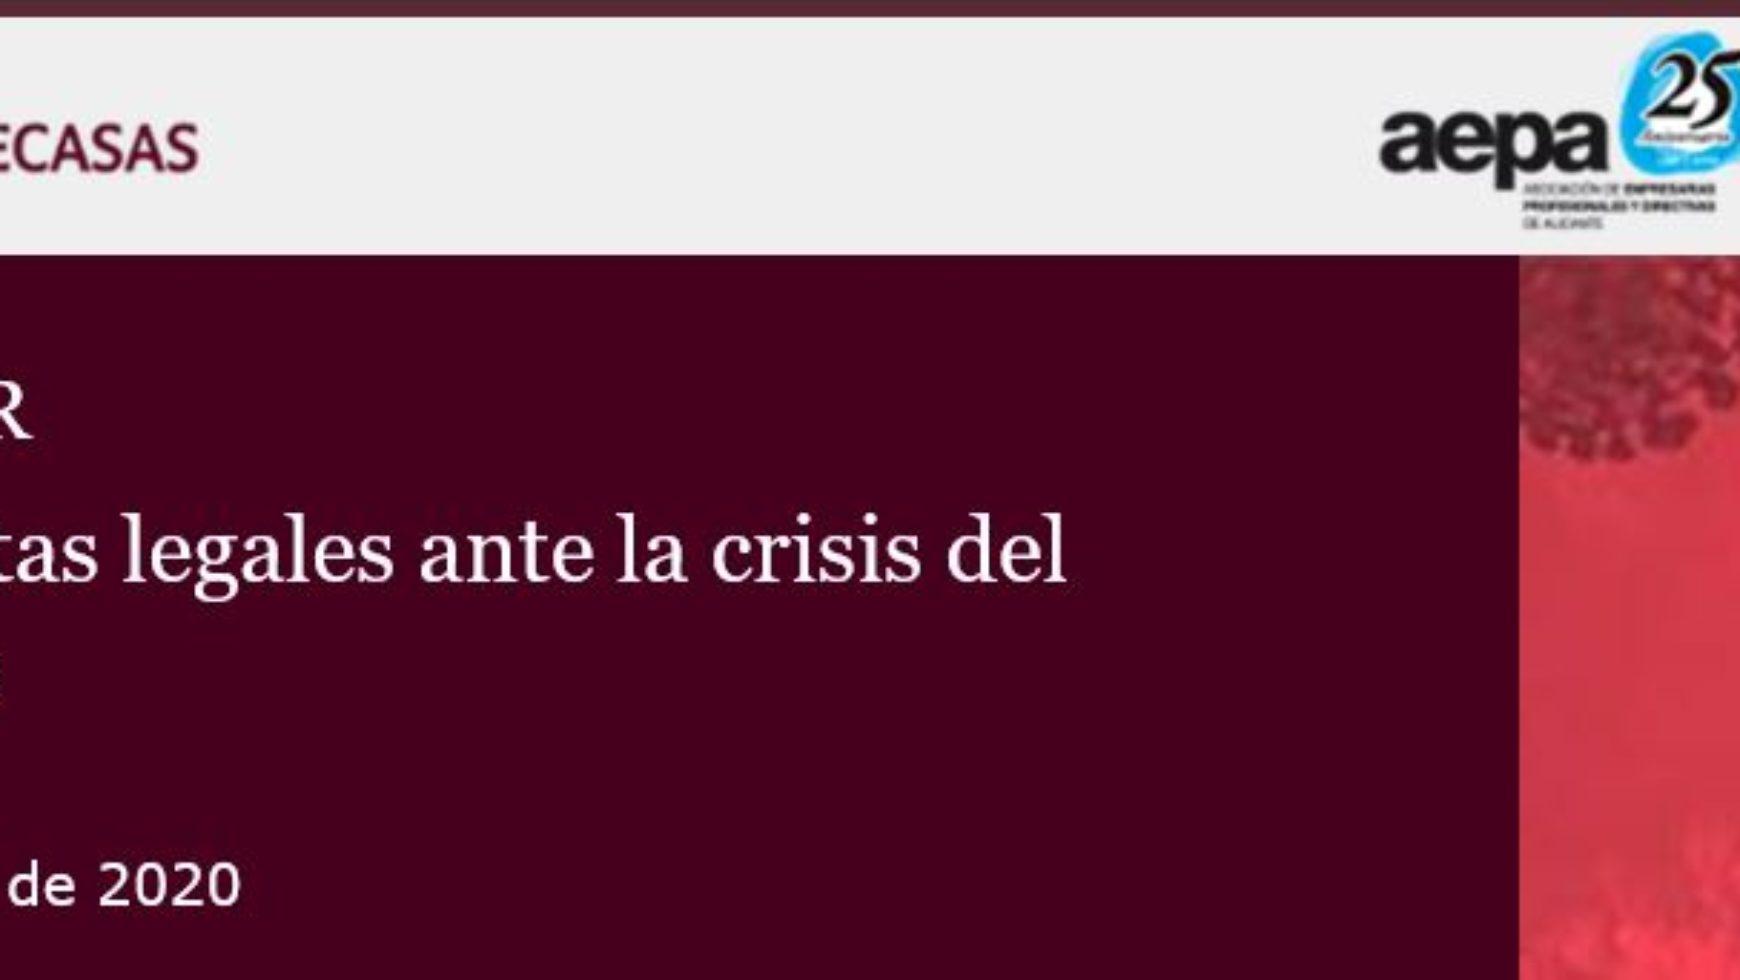 NUEVO WEBINAR: Respuestas legales ante la crisis del   Covid-19